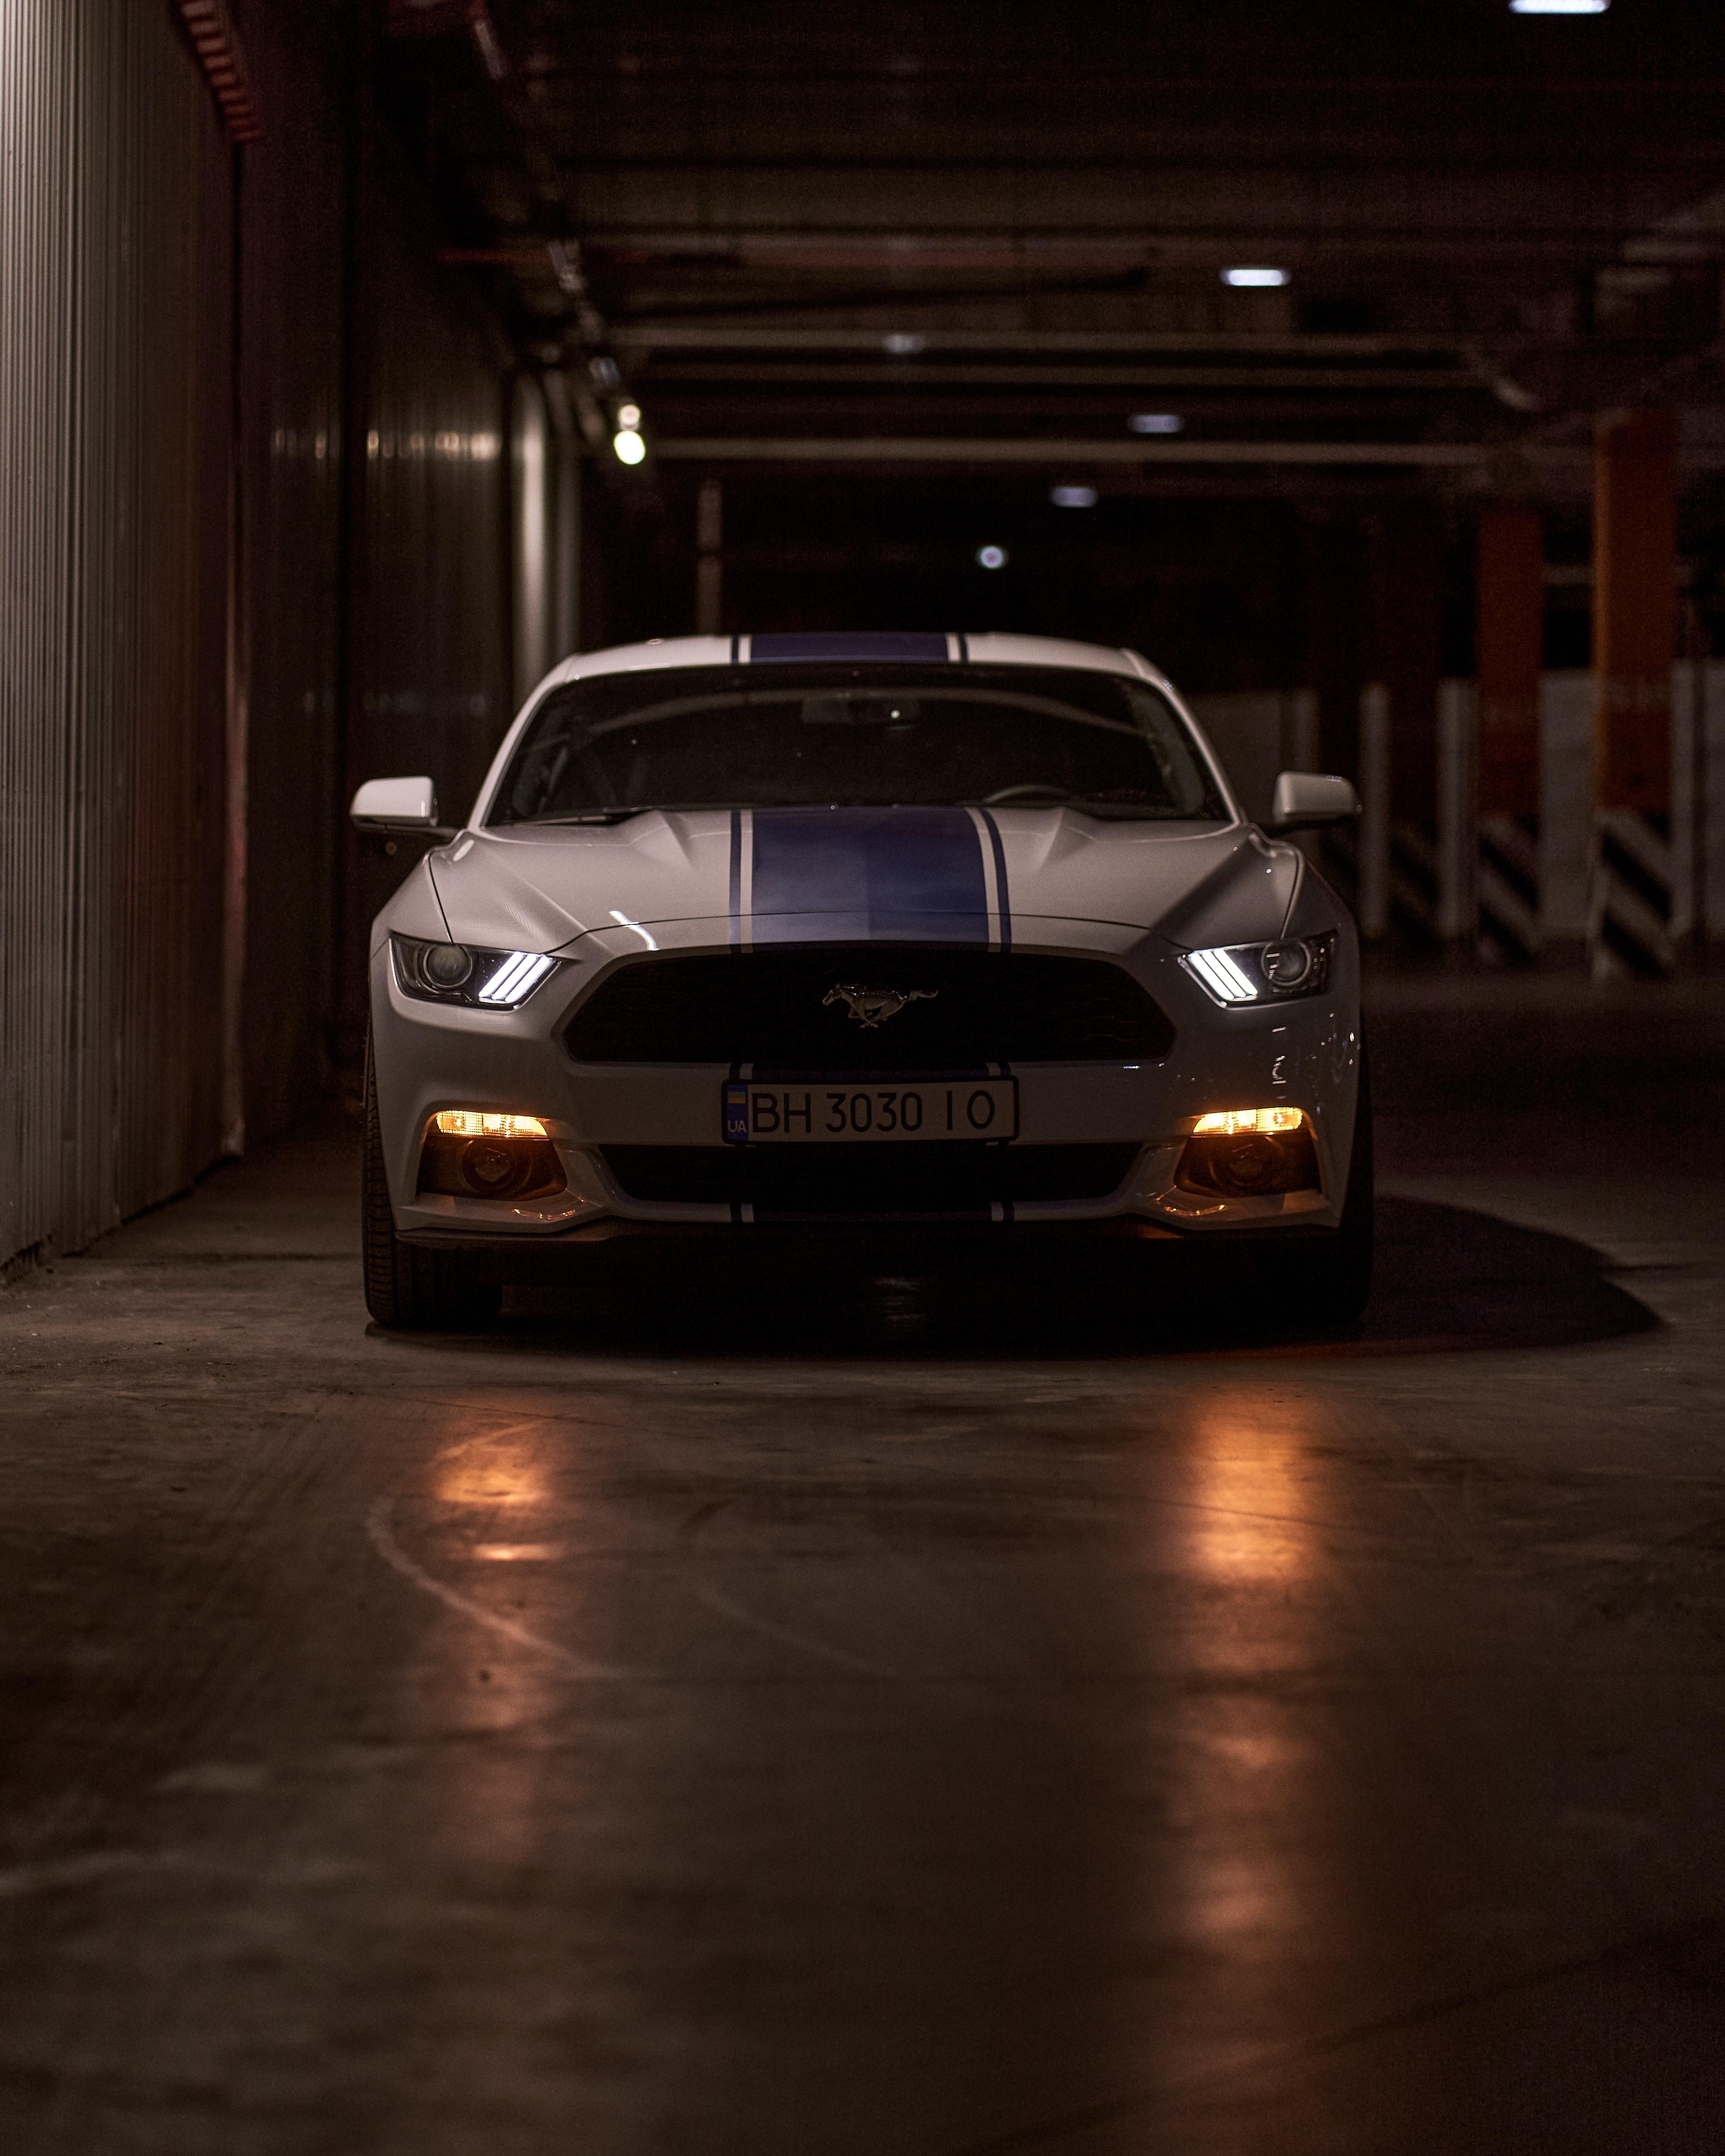 147453 скачать обои Тачки (Cars), Mustang Gt, Мустанг (Mustang), Спорткар, Автомобиль, Вид Спереди, Фары - заставки и картинки бесплатно